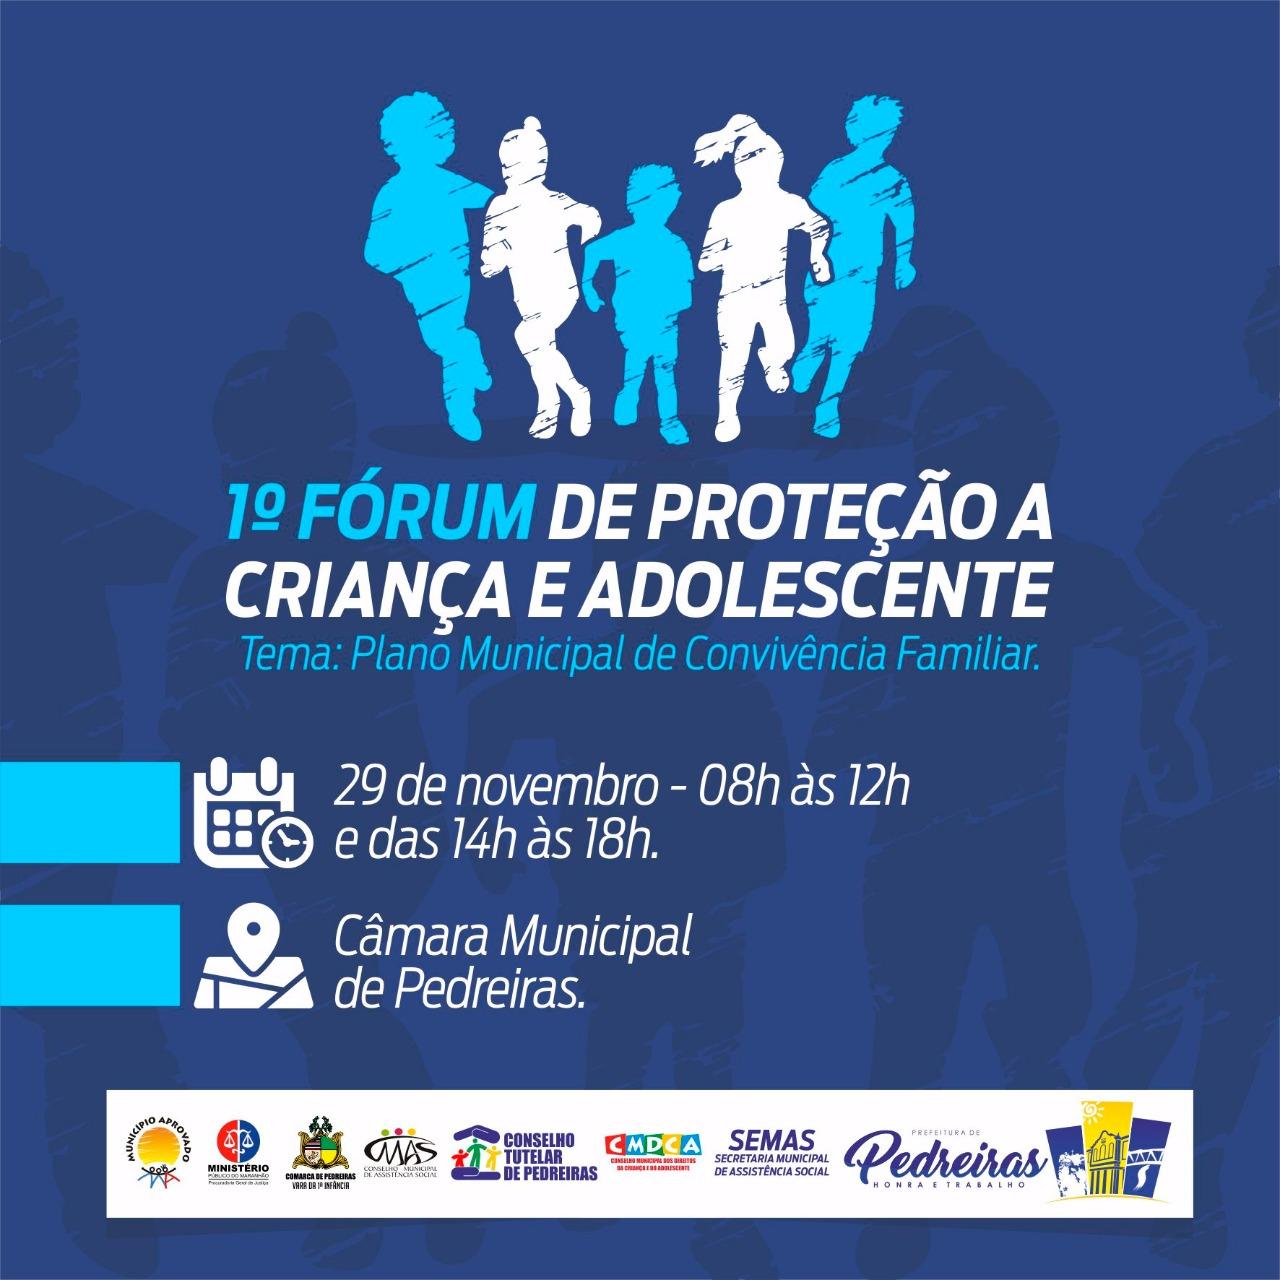 1º FÓRUM DE PROTEÇÃO À CRIANÇA E ADOLESCENTE